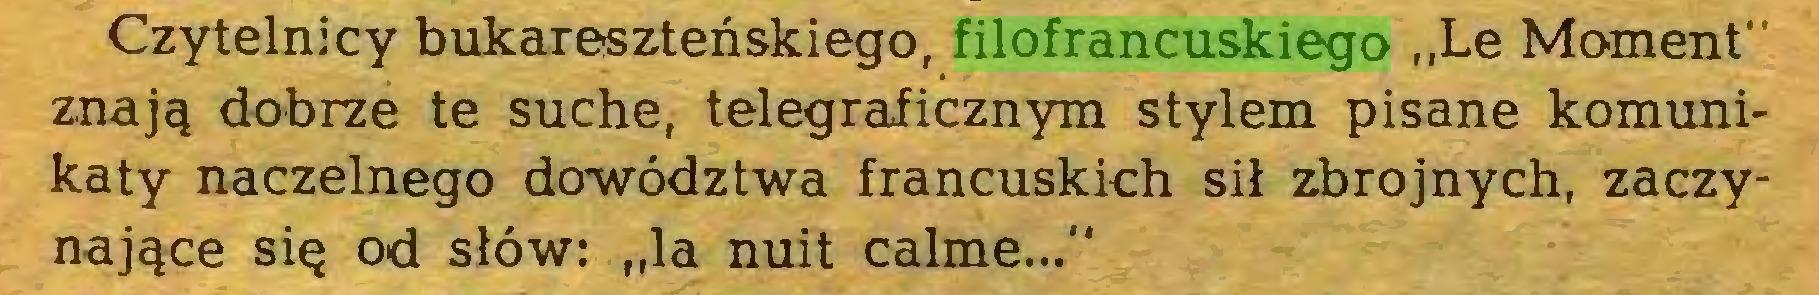 """(...) Czytelnicy bukareszteńskiego, filofrancuskiego """"Le Moment"""" znają dobrze te suche, telegraficznym stylem pisane komunikaty naczelnego dowództwa francuskich sił zbrojnych, zaczynające się od słów: """"la nuit calme...""""..."""